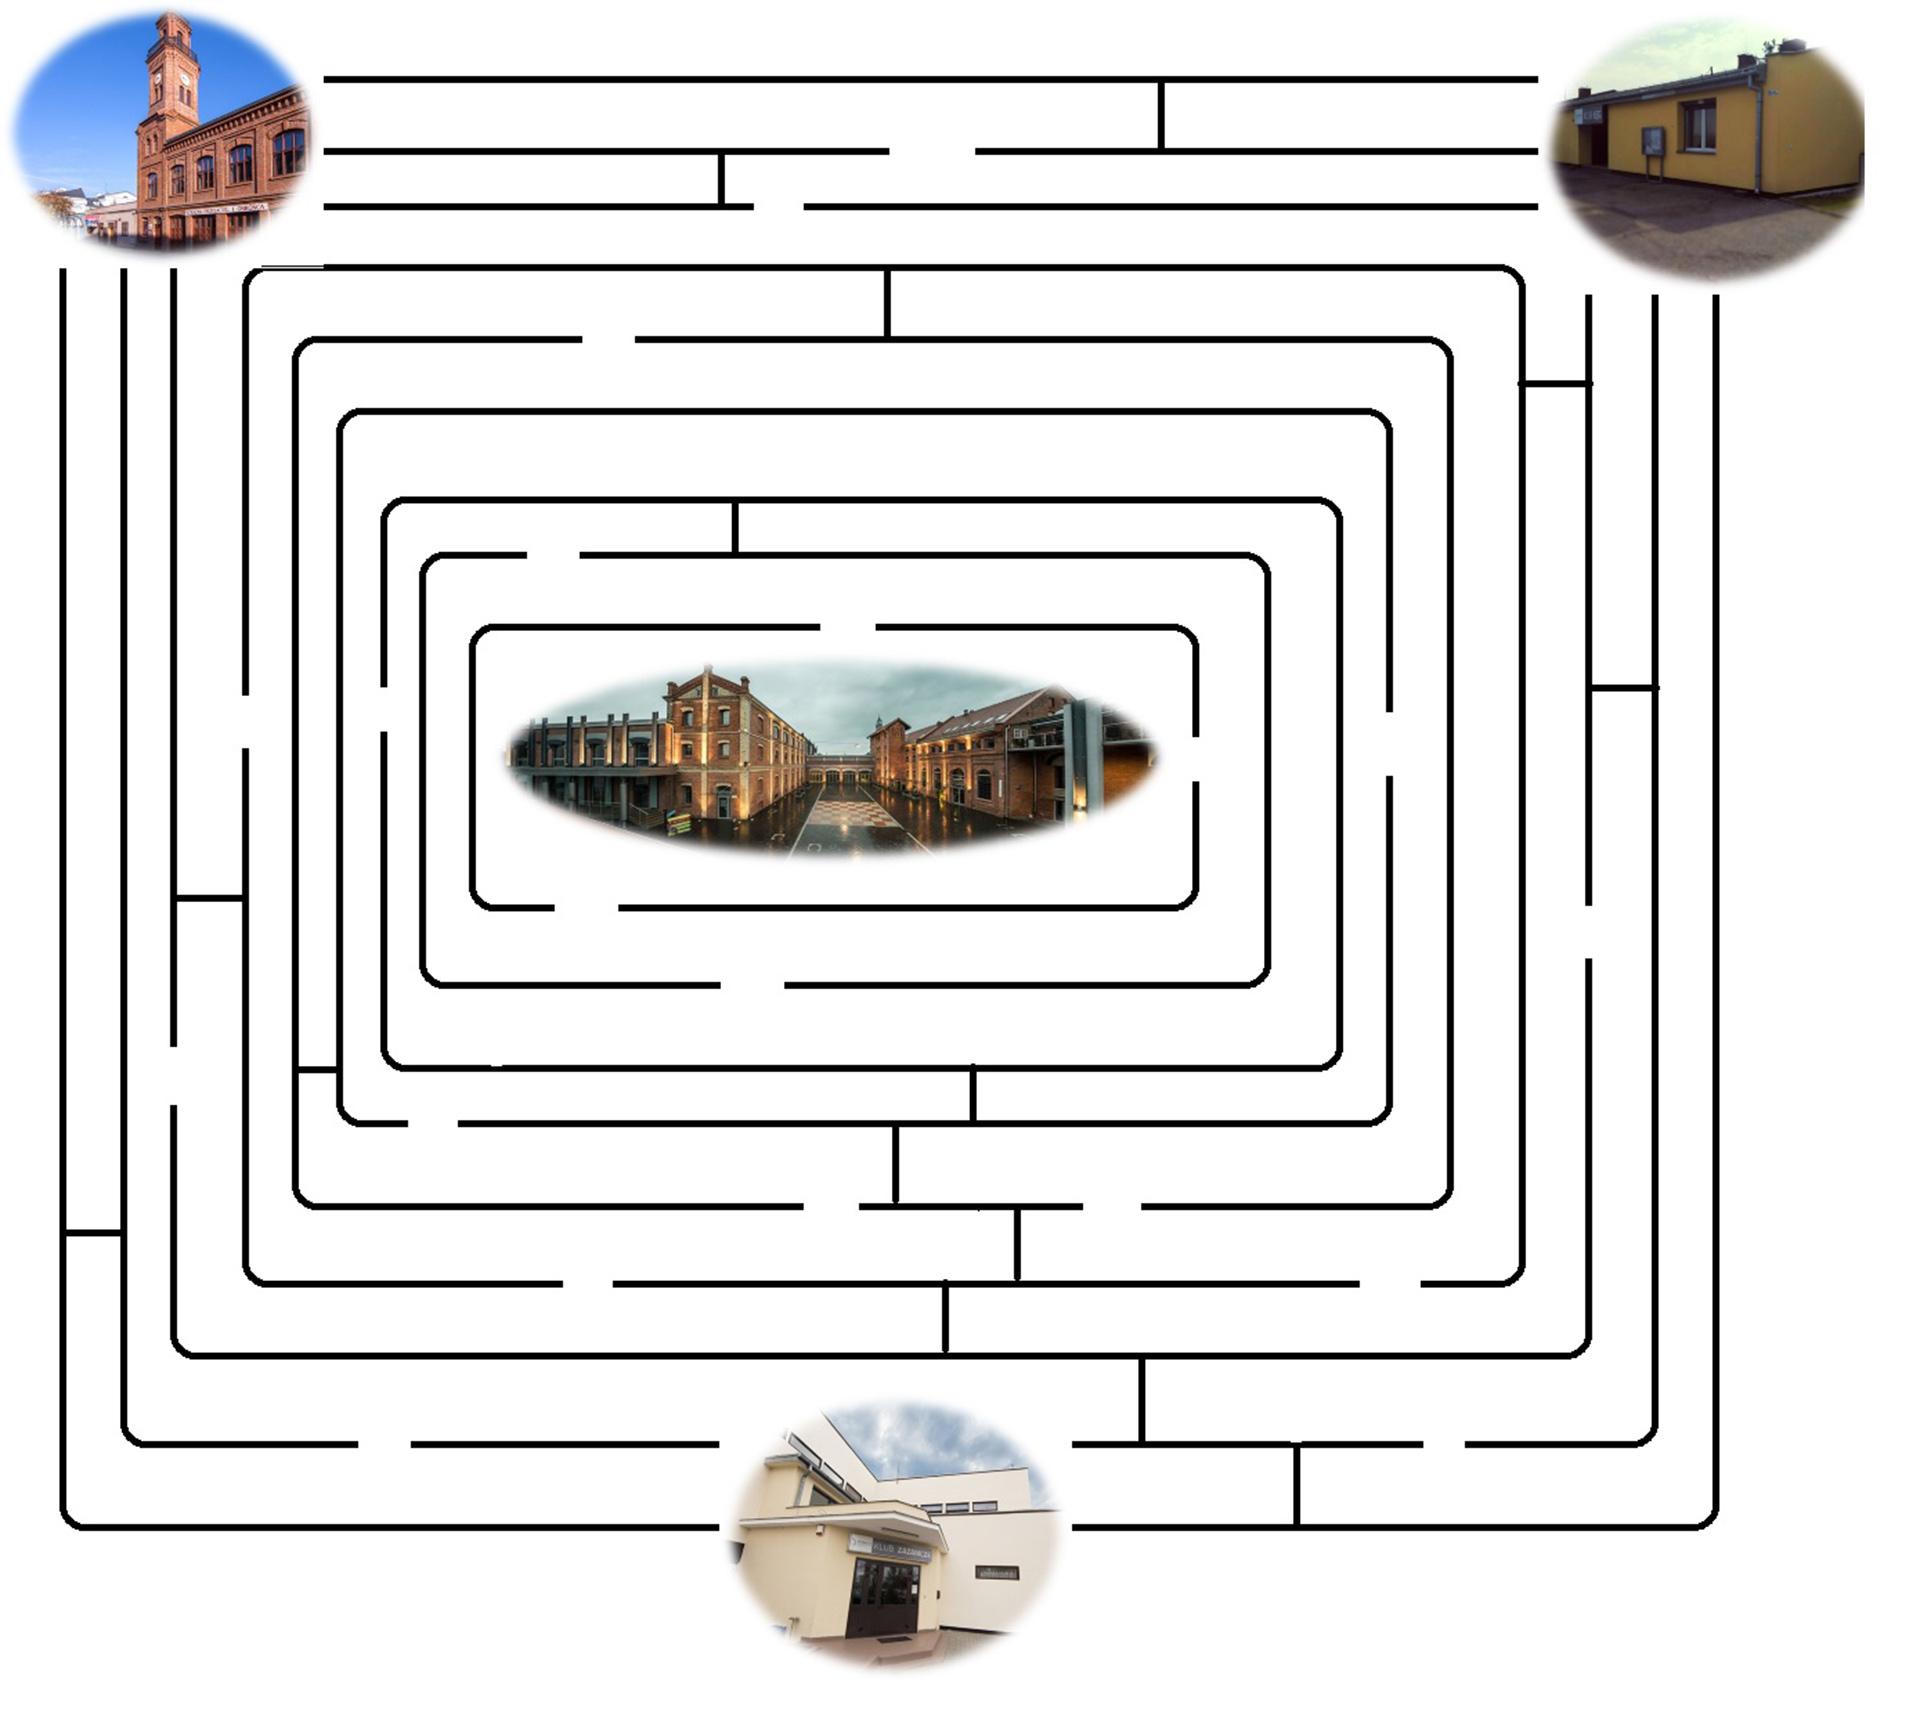 Labirynt wszystkie drogi prowadza do kultury (2)